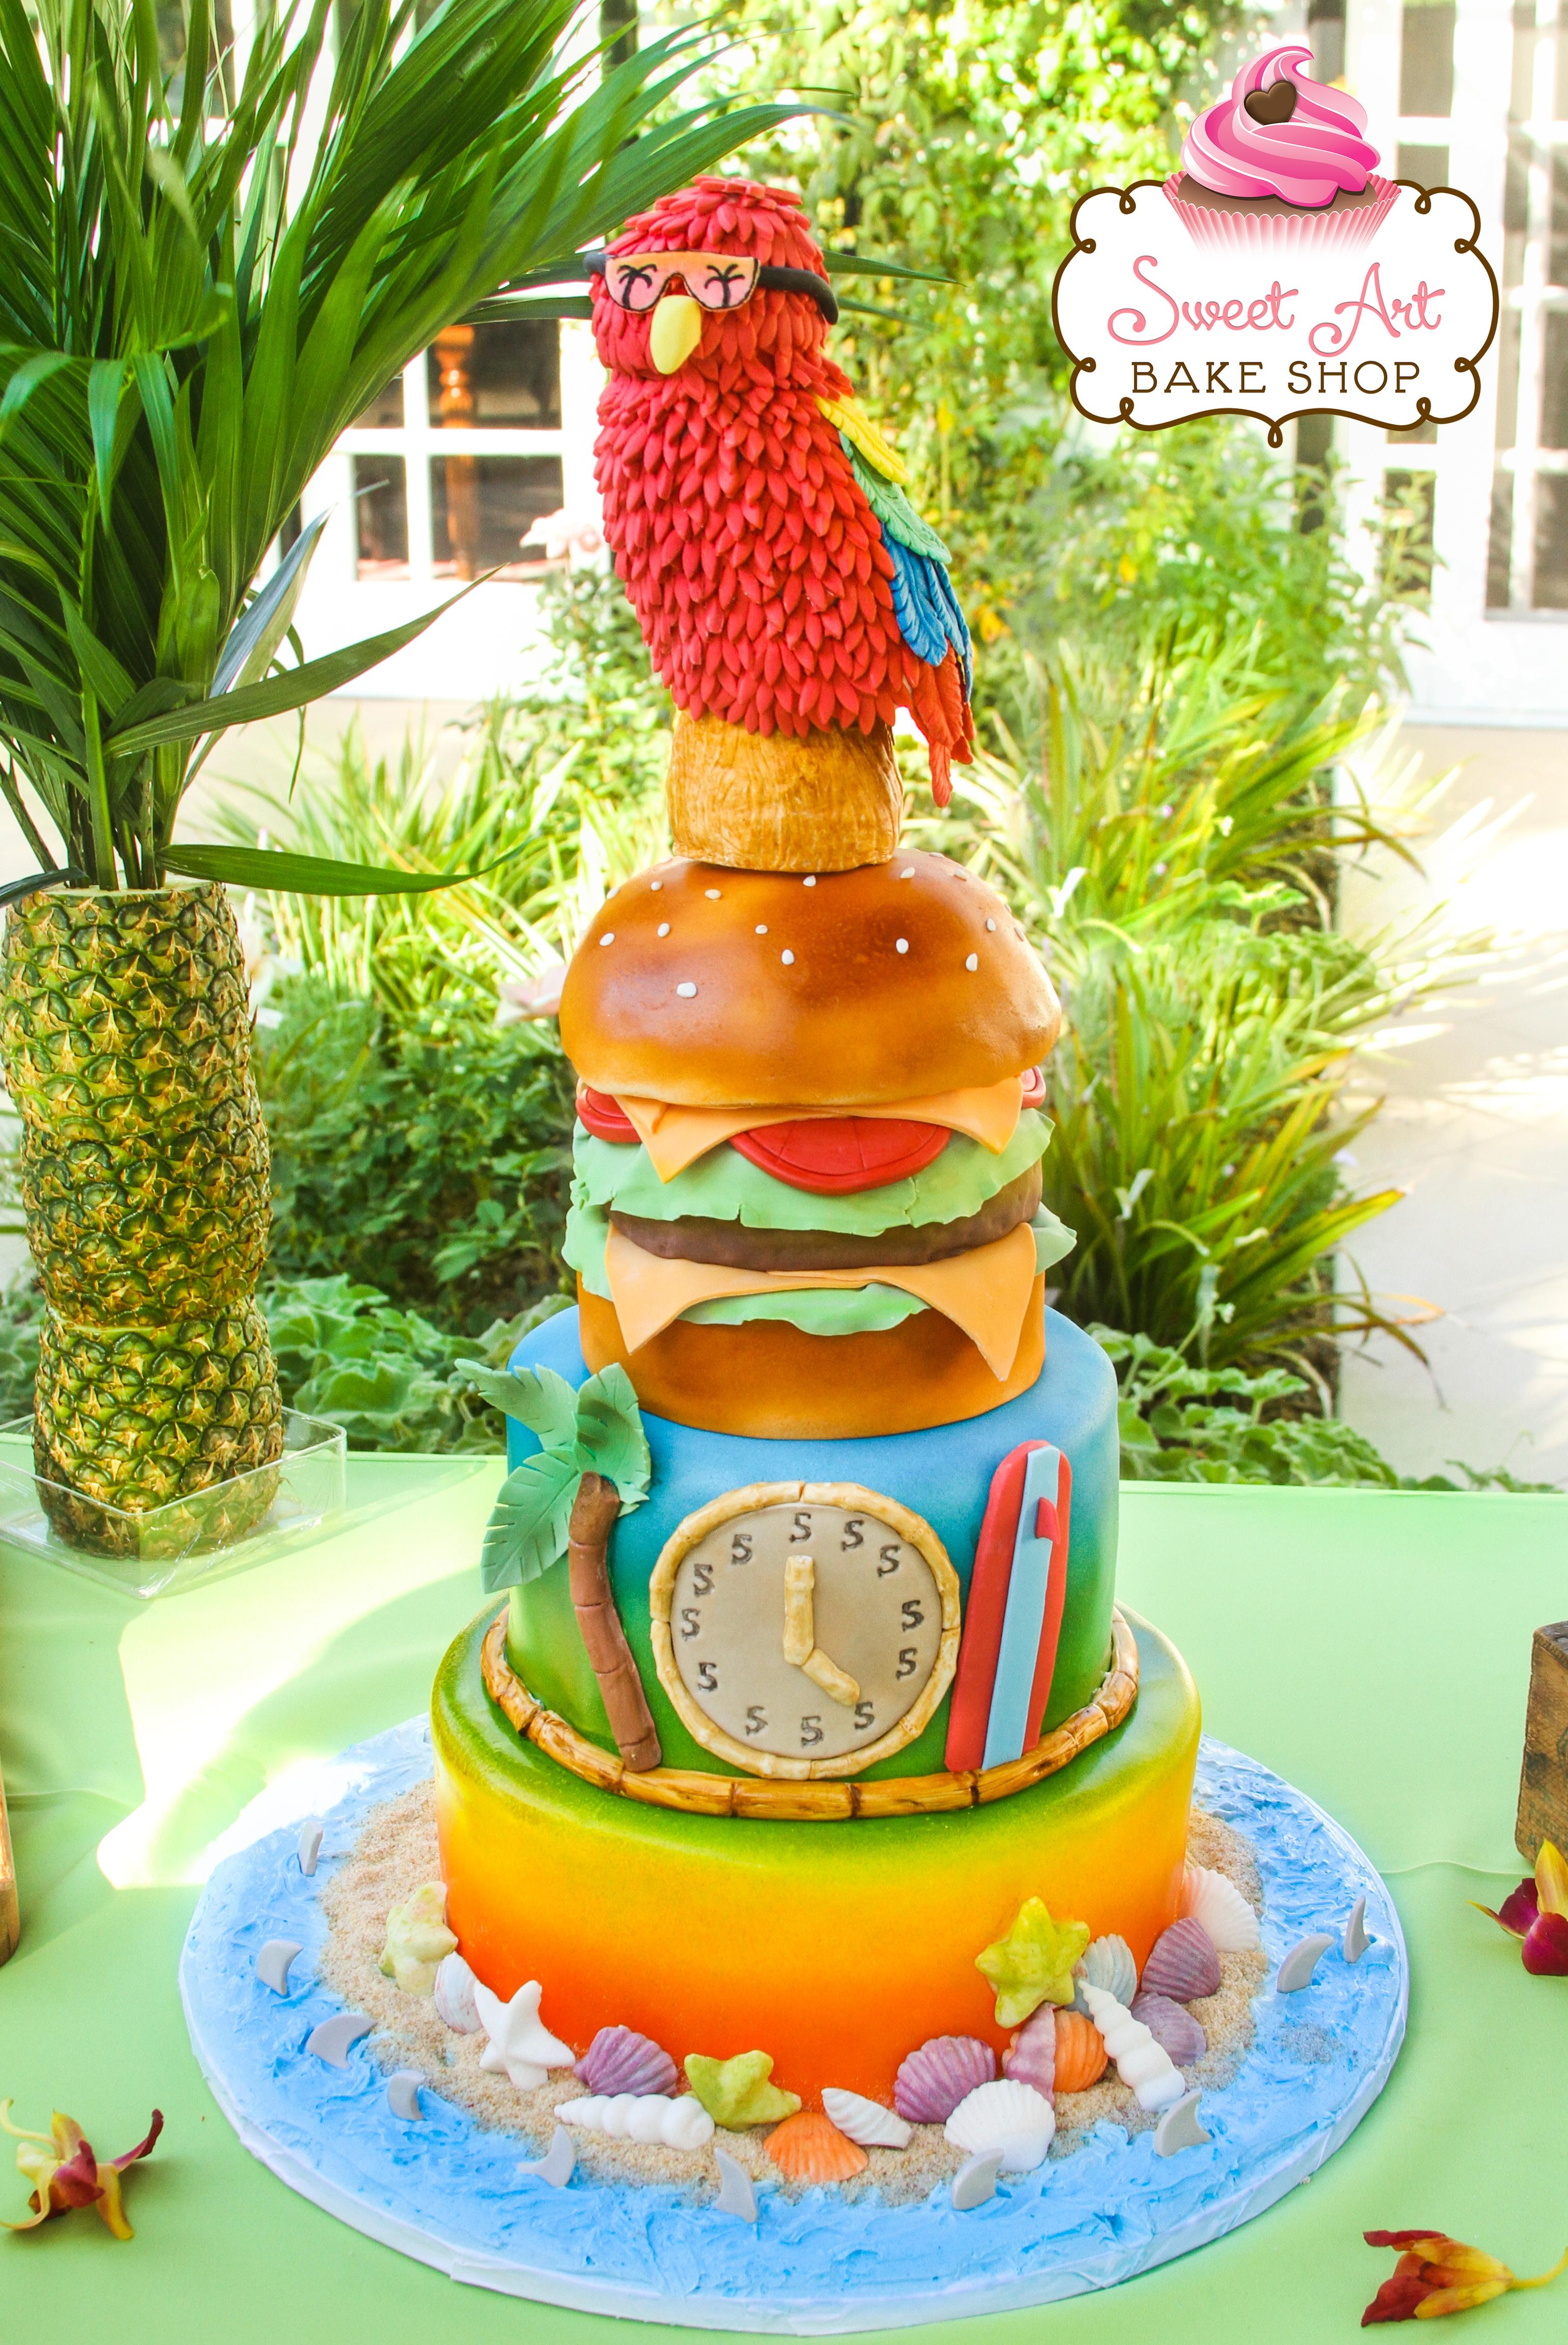 Jimmy Buffet Margaritaville Cake